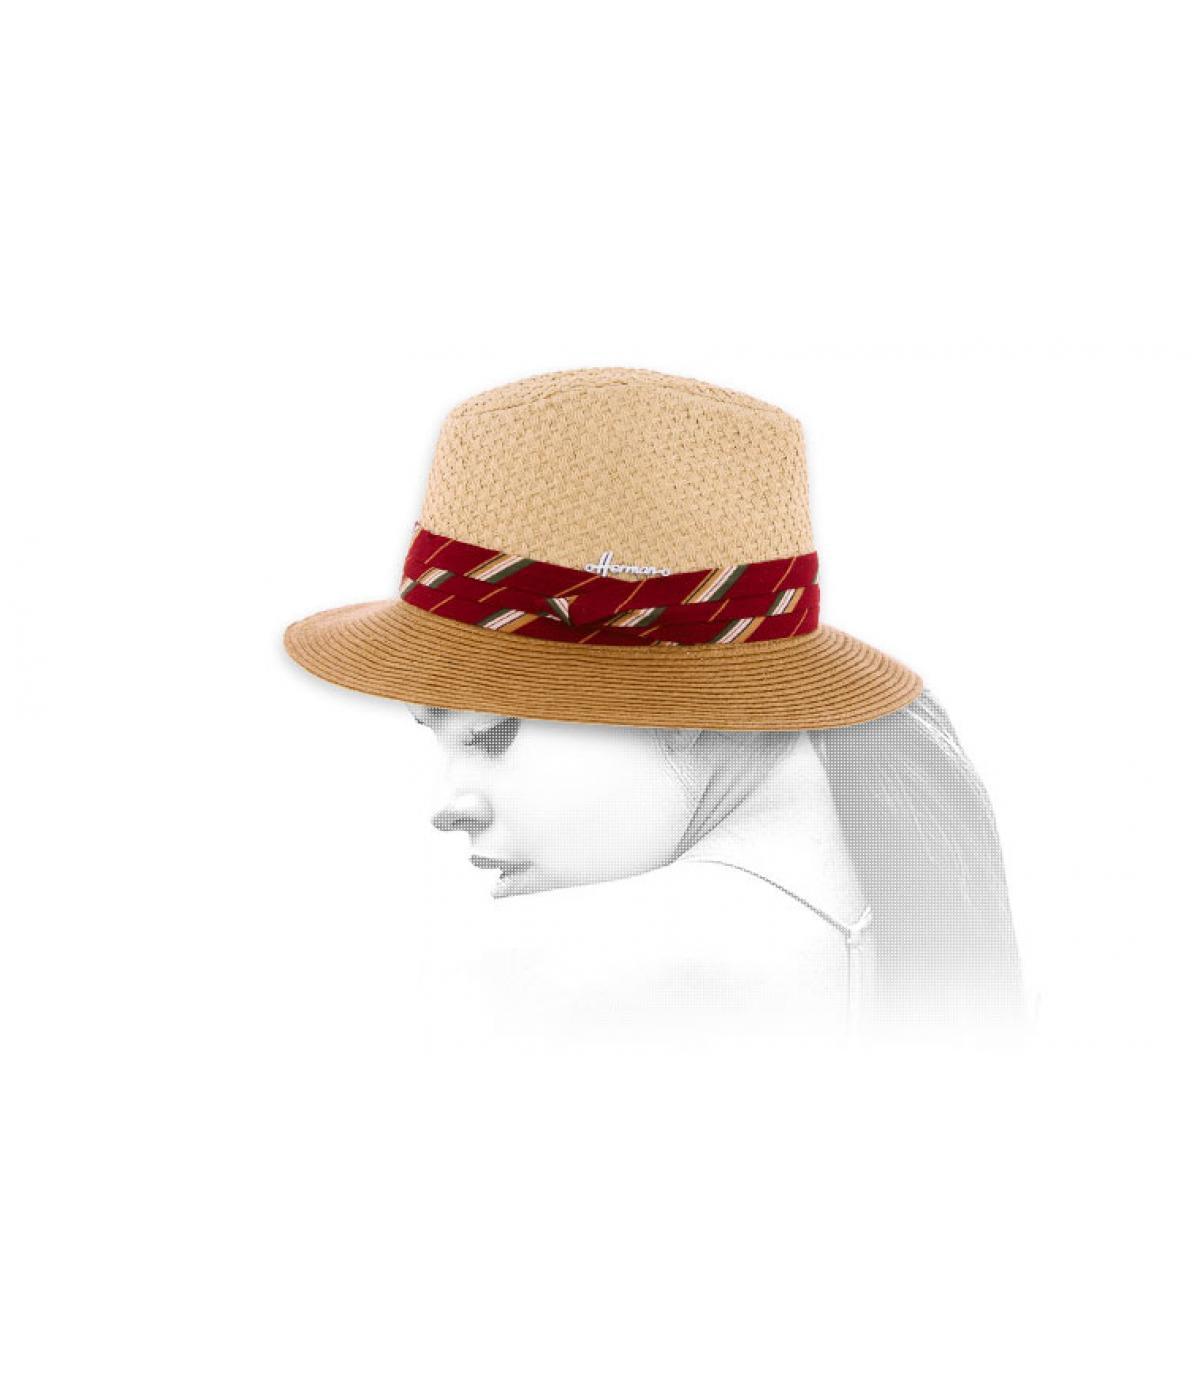 cappello bicolore con treccia rossa